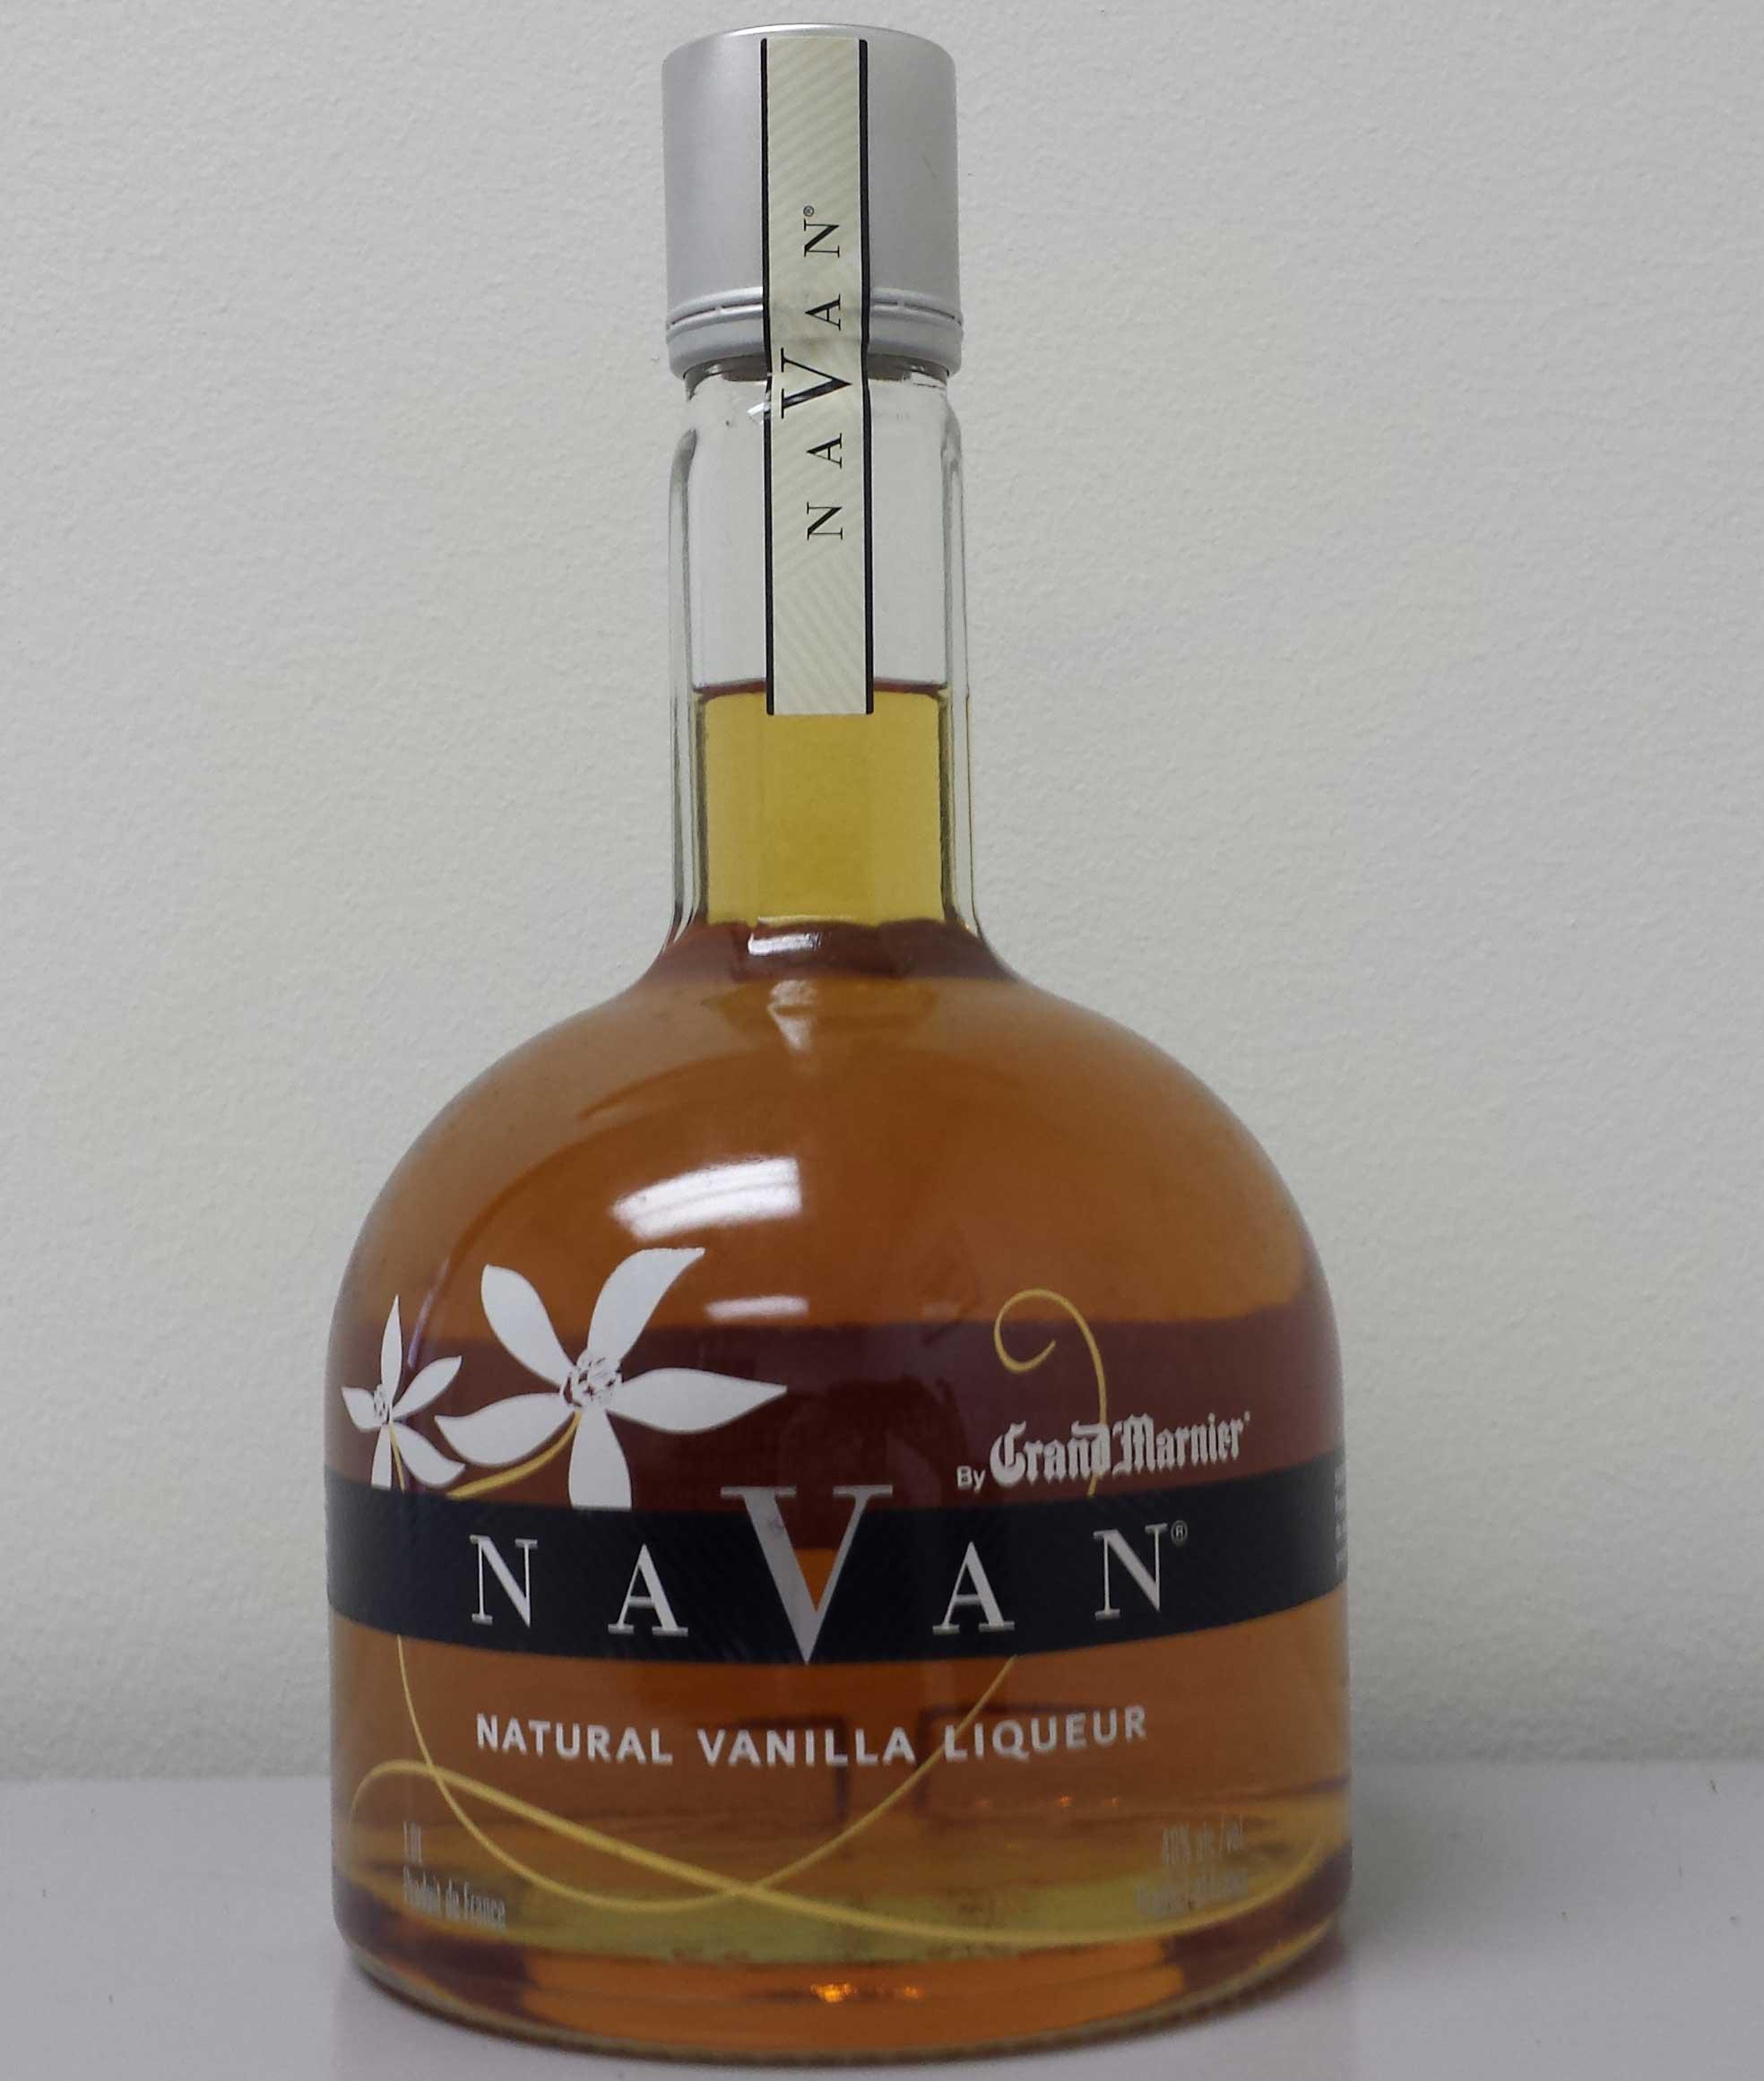 Navan Vanilla Cognac Grand Marnier French Liqueur